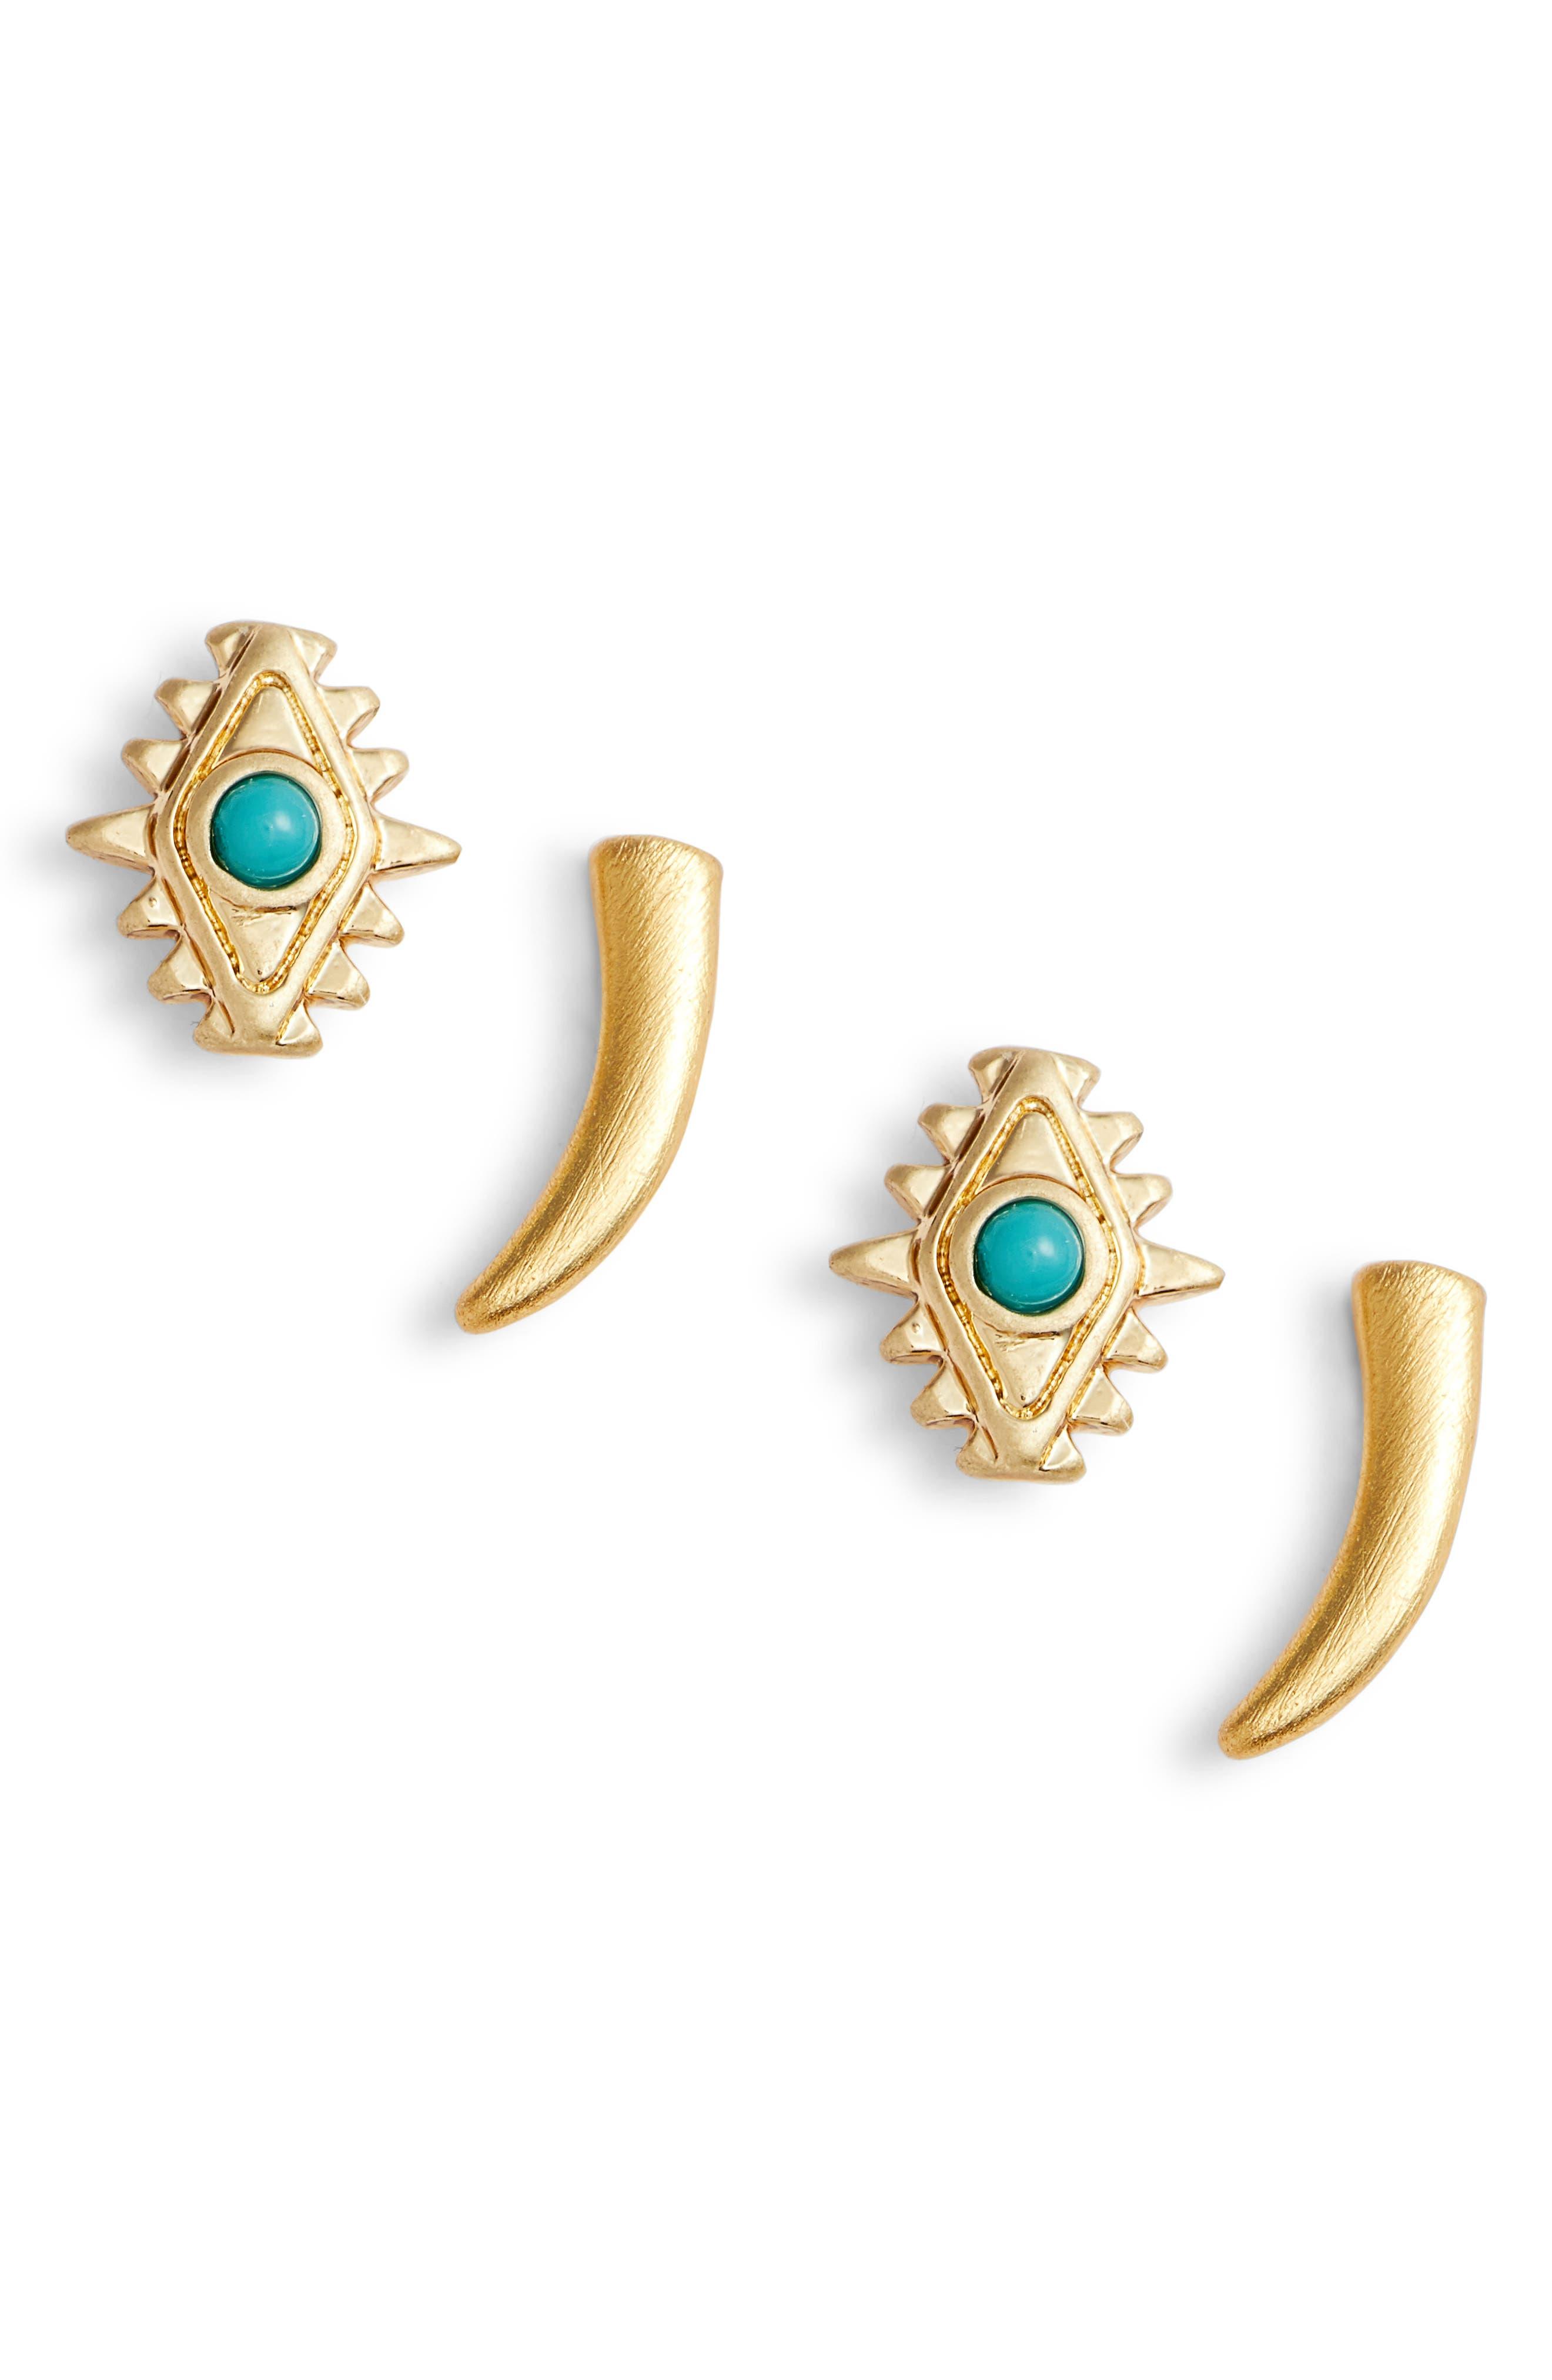 Set of 2 Stud Earrings,                             Main thumbnail 1, color,